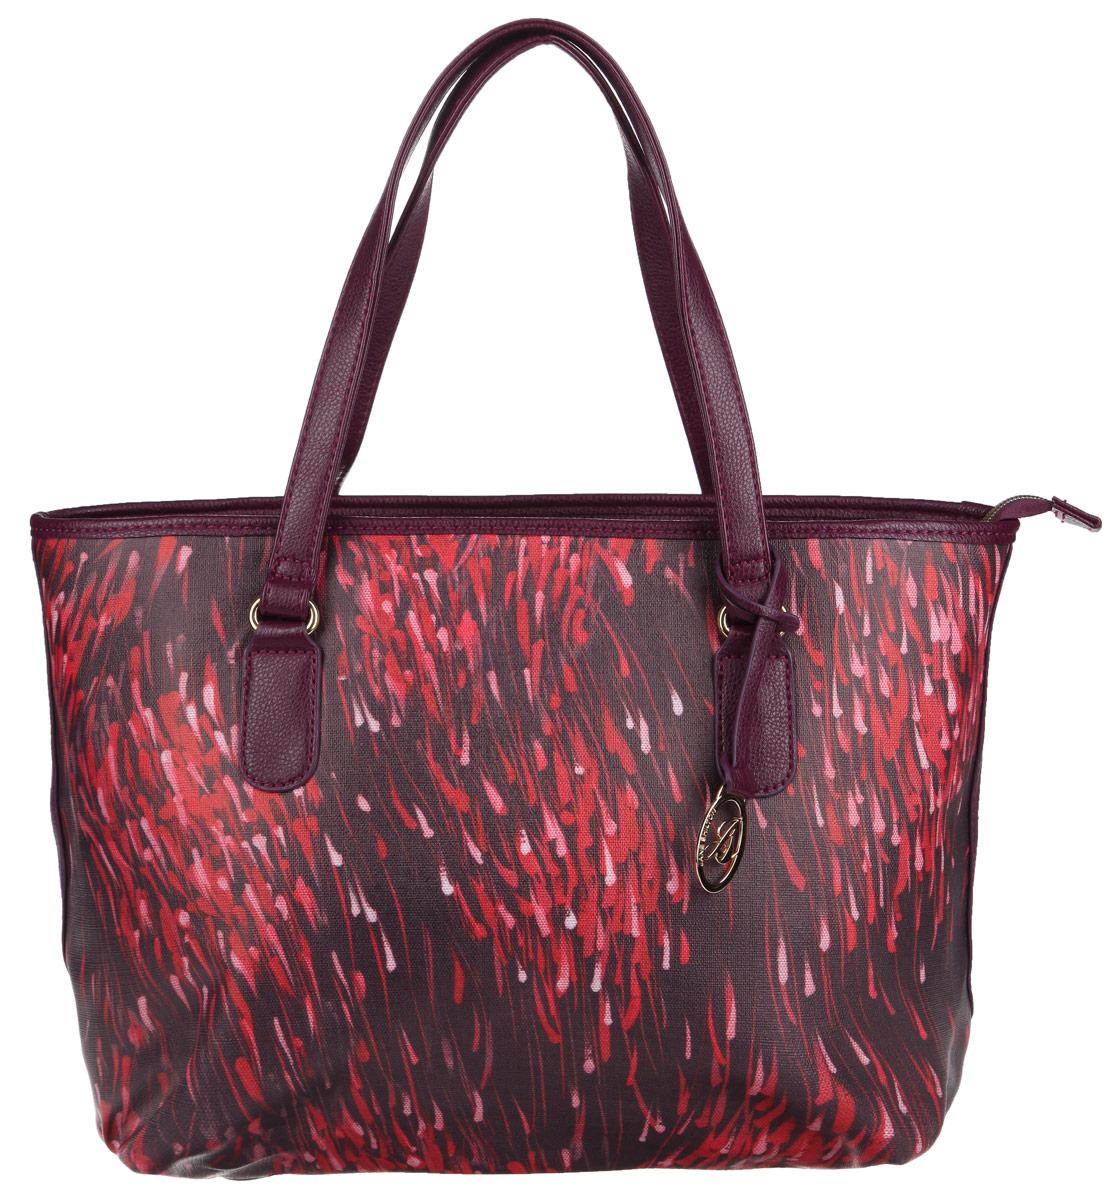 Сумка женская Jane Shilton, цвет: розовый, фиолетовый. 191471069с-2Стильная сумка Jane Shilton выполнена из искусственной кожи с мелкозернистой фактурой, оформлена оригинальным принтом, подвеской и металлической фурнитурой с символикой бренда.Сумка содержит одно отделение, которое закрывается на застежку-молнию. Внутри изделия расположены: врезной карман на застежке-молнии, накладной карман для телефона и карман-средник на молнии. Снаружи, в тыльной стенке сумки, размещен врезной карман на молнии. Изделие оснащено двумя практичными ручками, которые позволят носить сумку, как в руках, так и на плече.Оригинальный аксессуар позволит вам завершить образ и быть неотразимой.